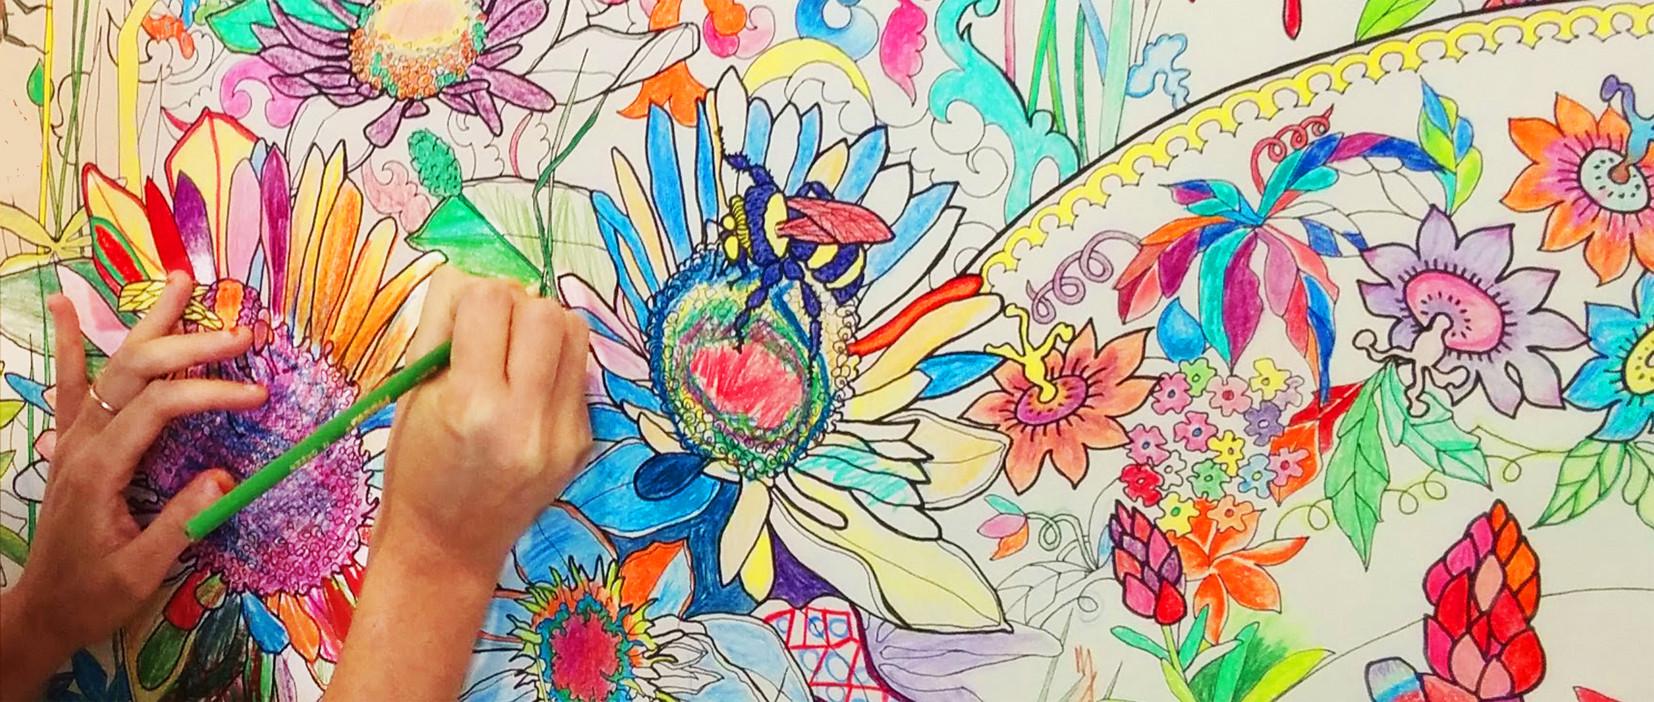 Collaborative Color